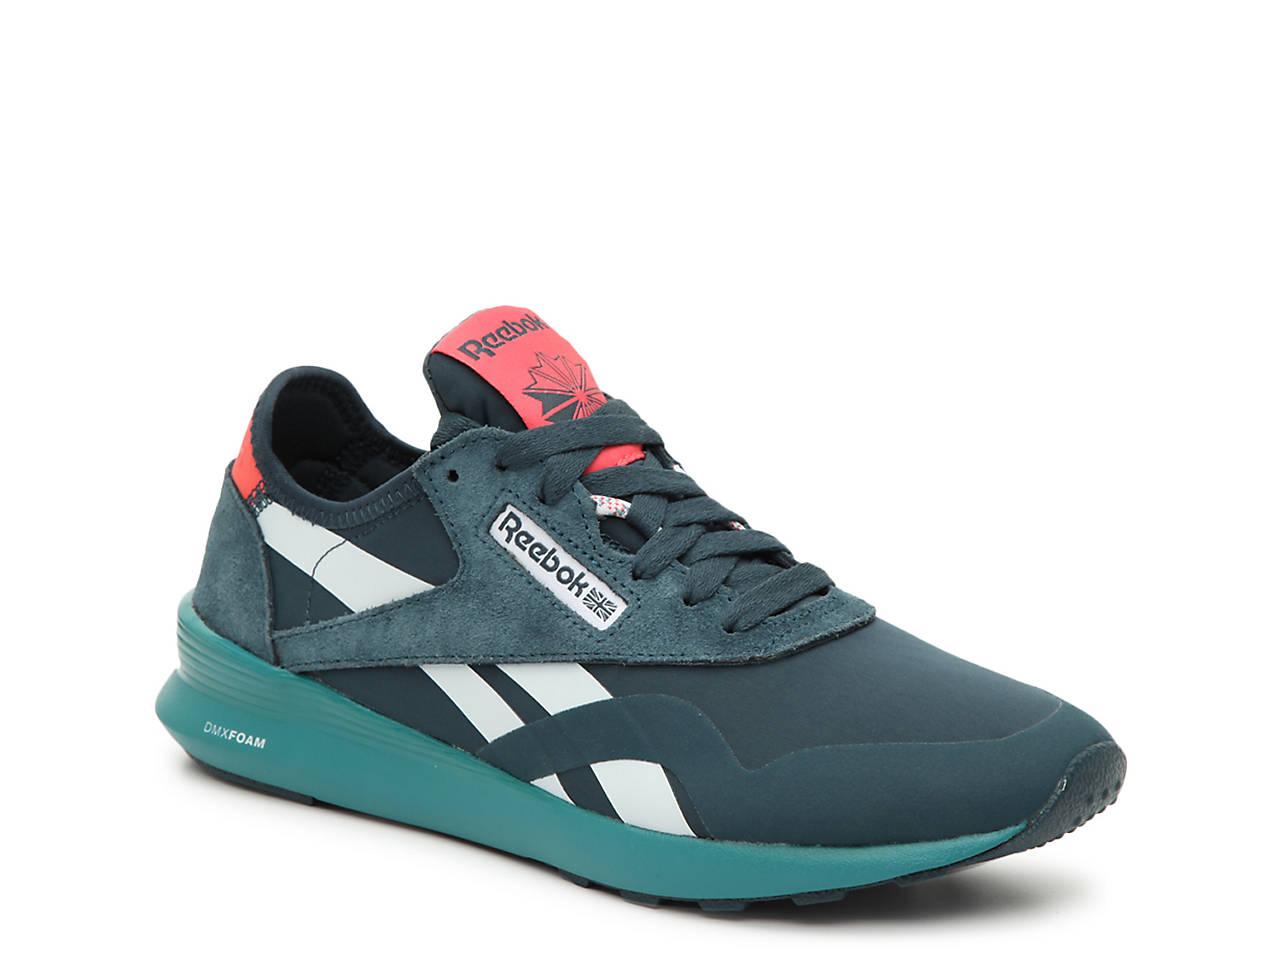 31e7bded7b Reebok CL Sneaker - Women's Women's Shoes | DSW